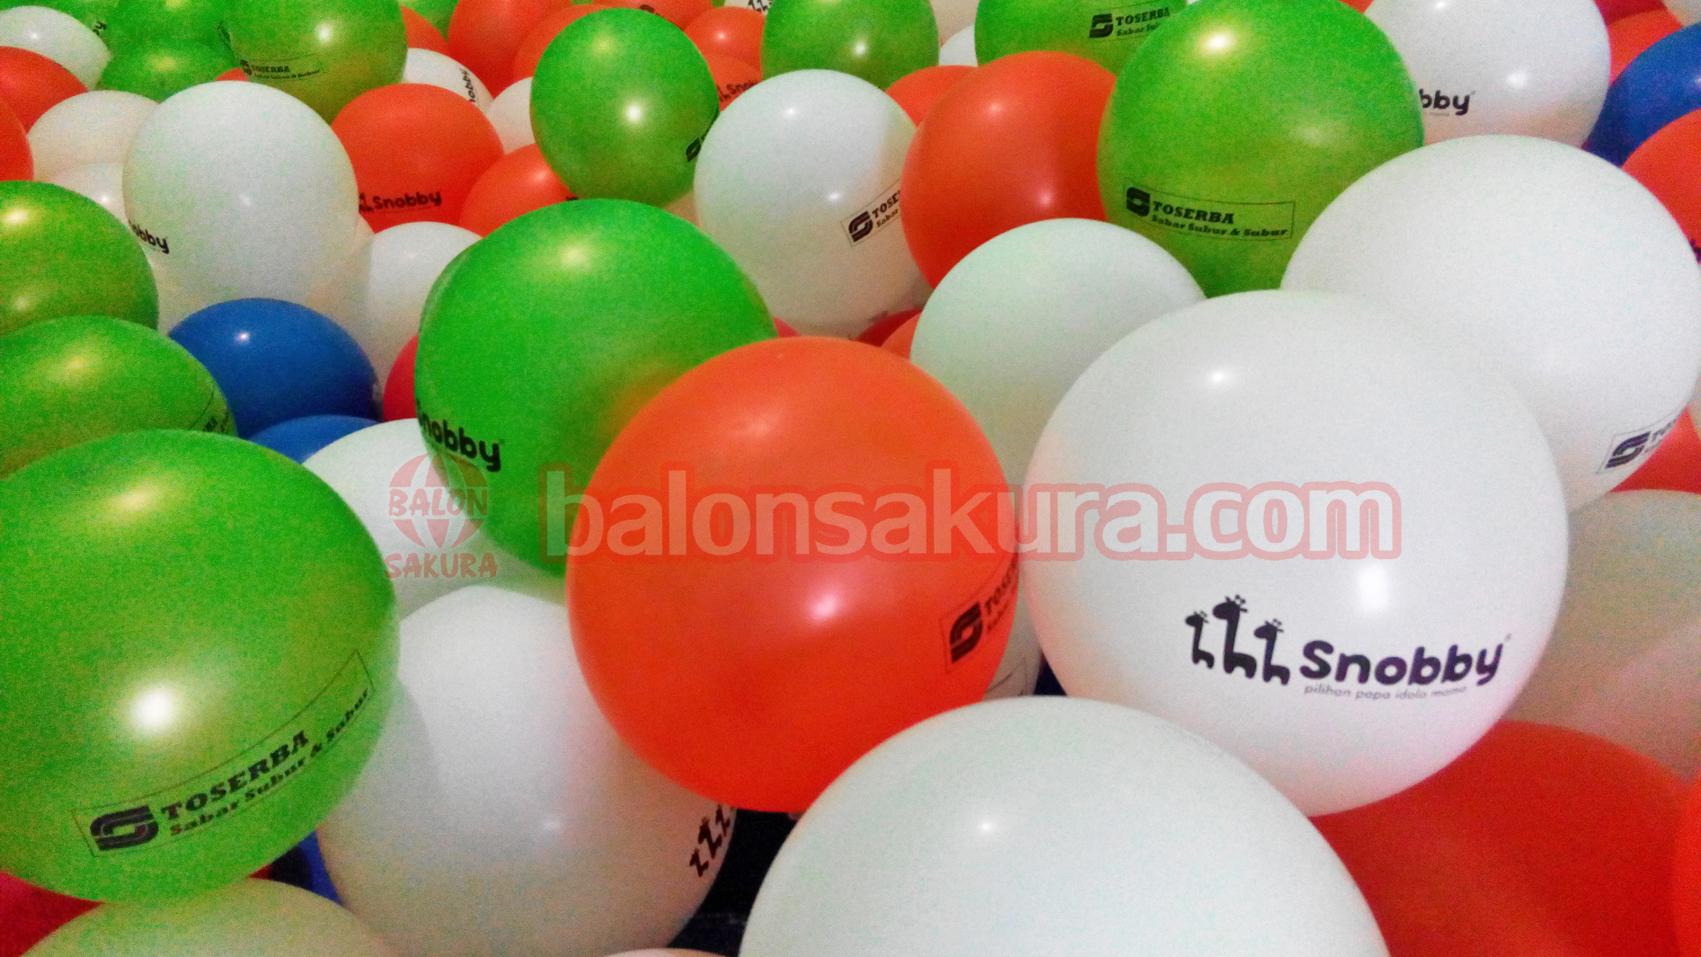 balon sablon palembang